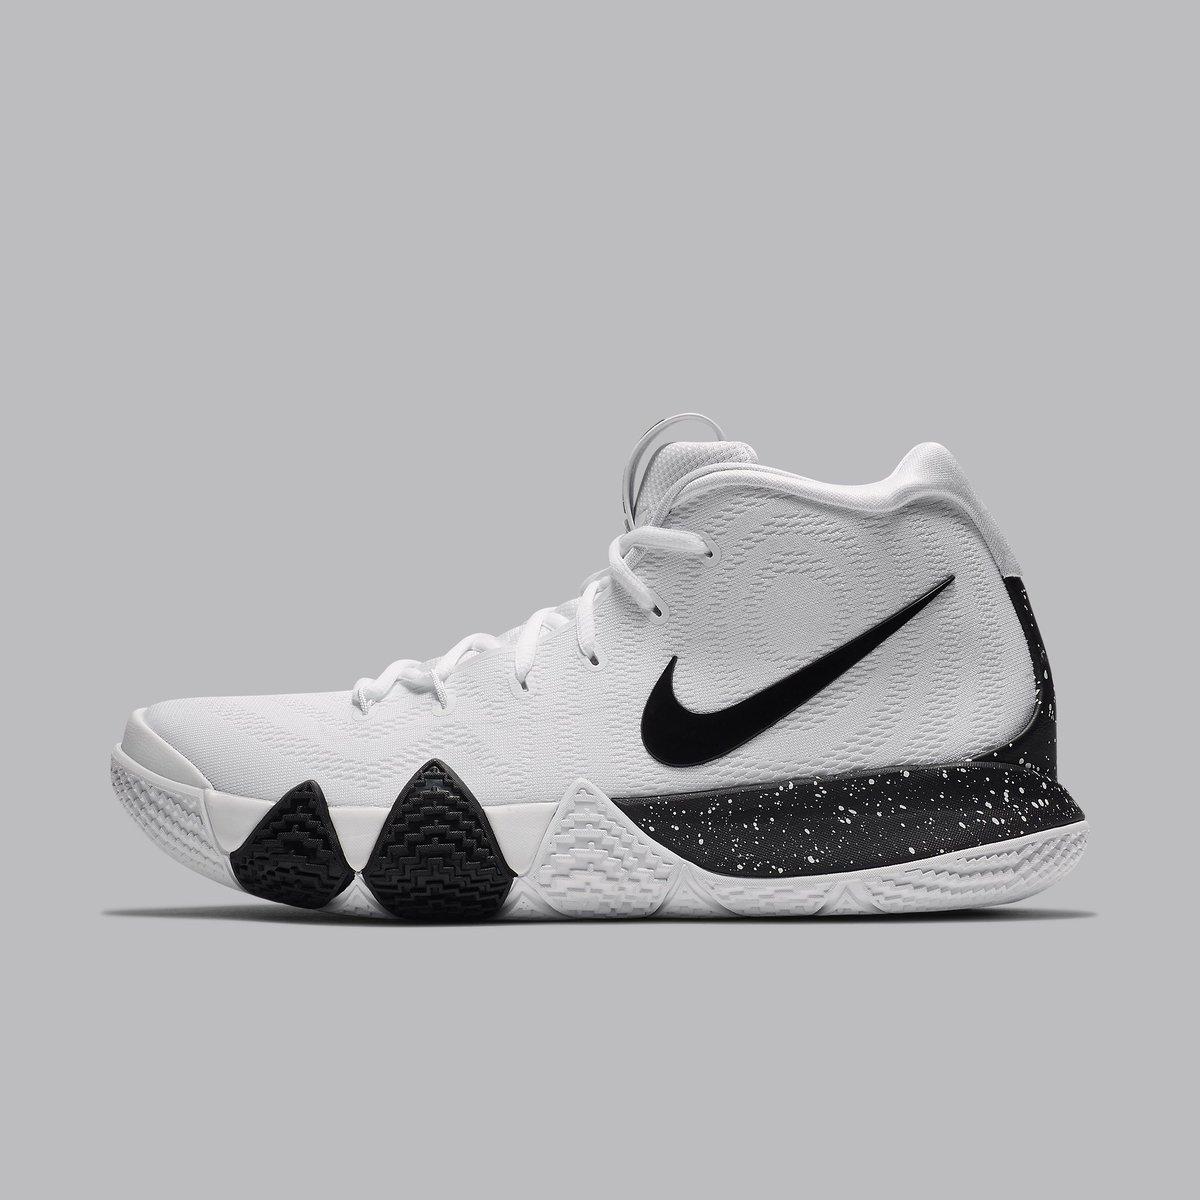 8895e044852 Nike kyrie 4